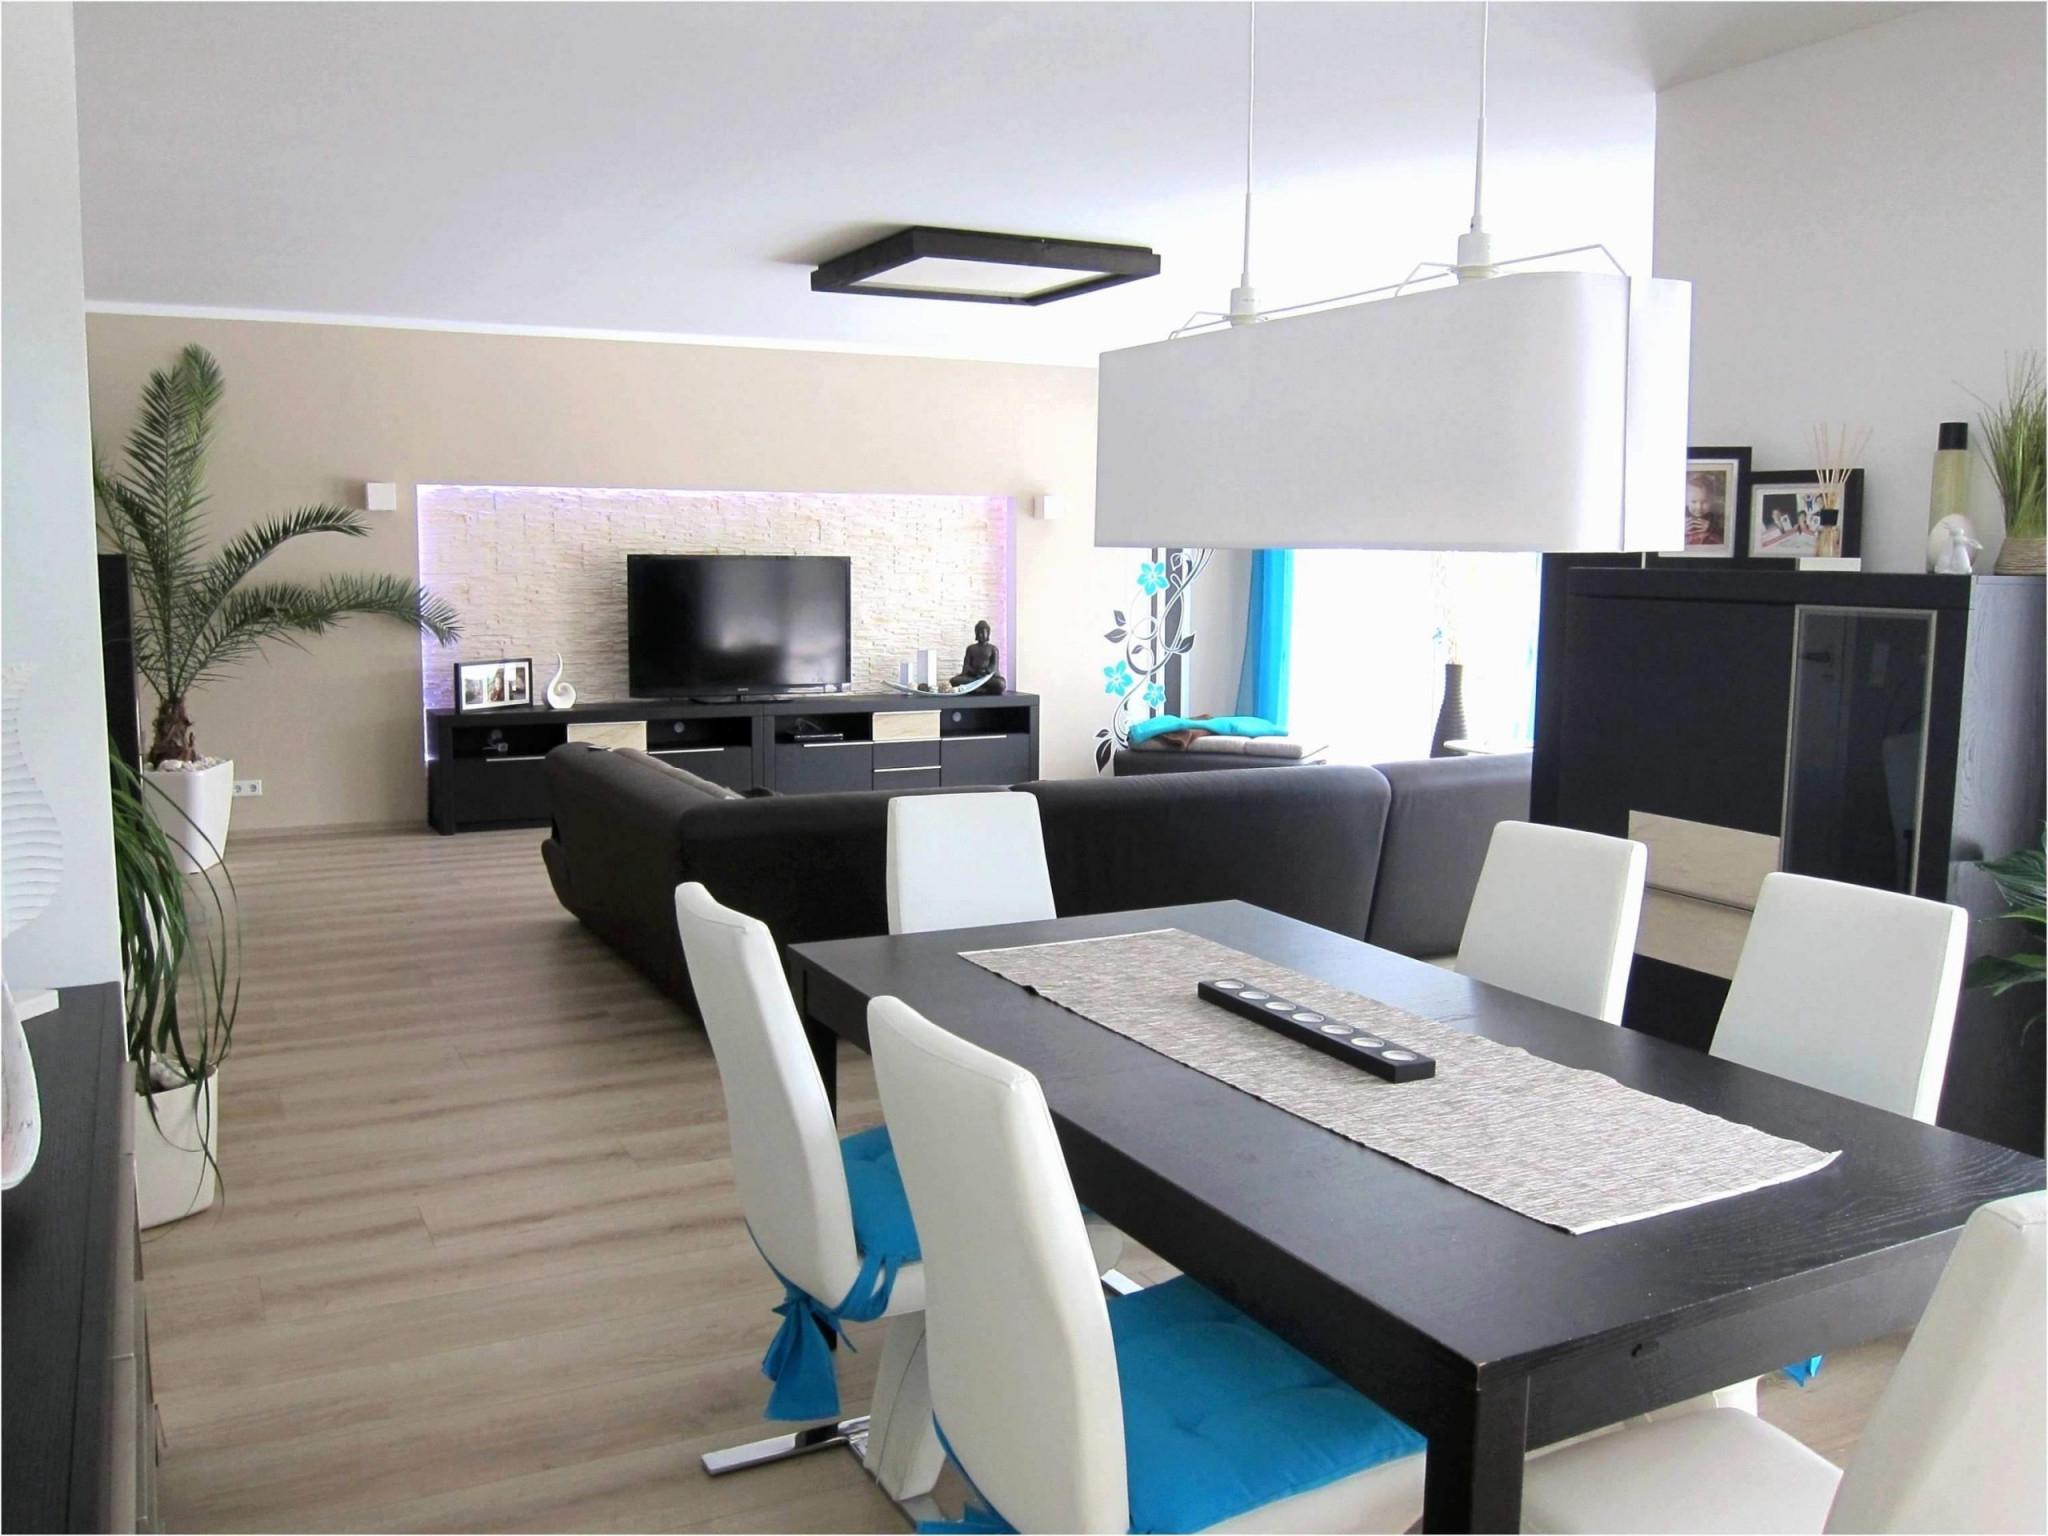 30 Luxus Kleines Wohnzimmer Mit Essbereich Einrichten von Wohnzimmer Esszimmer Gestalten Bild